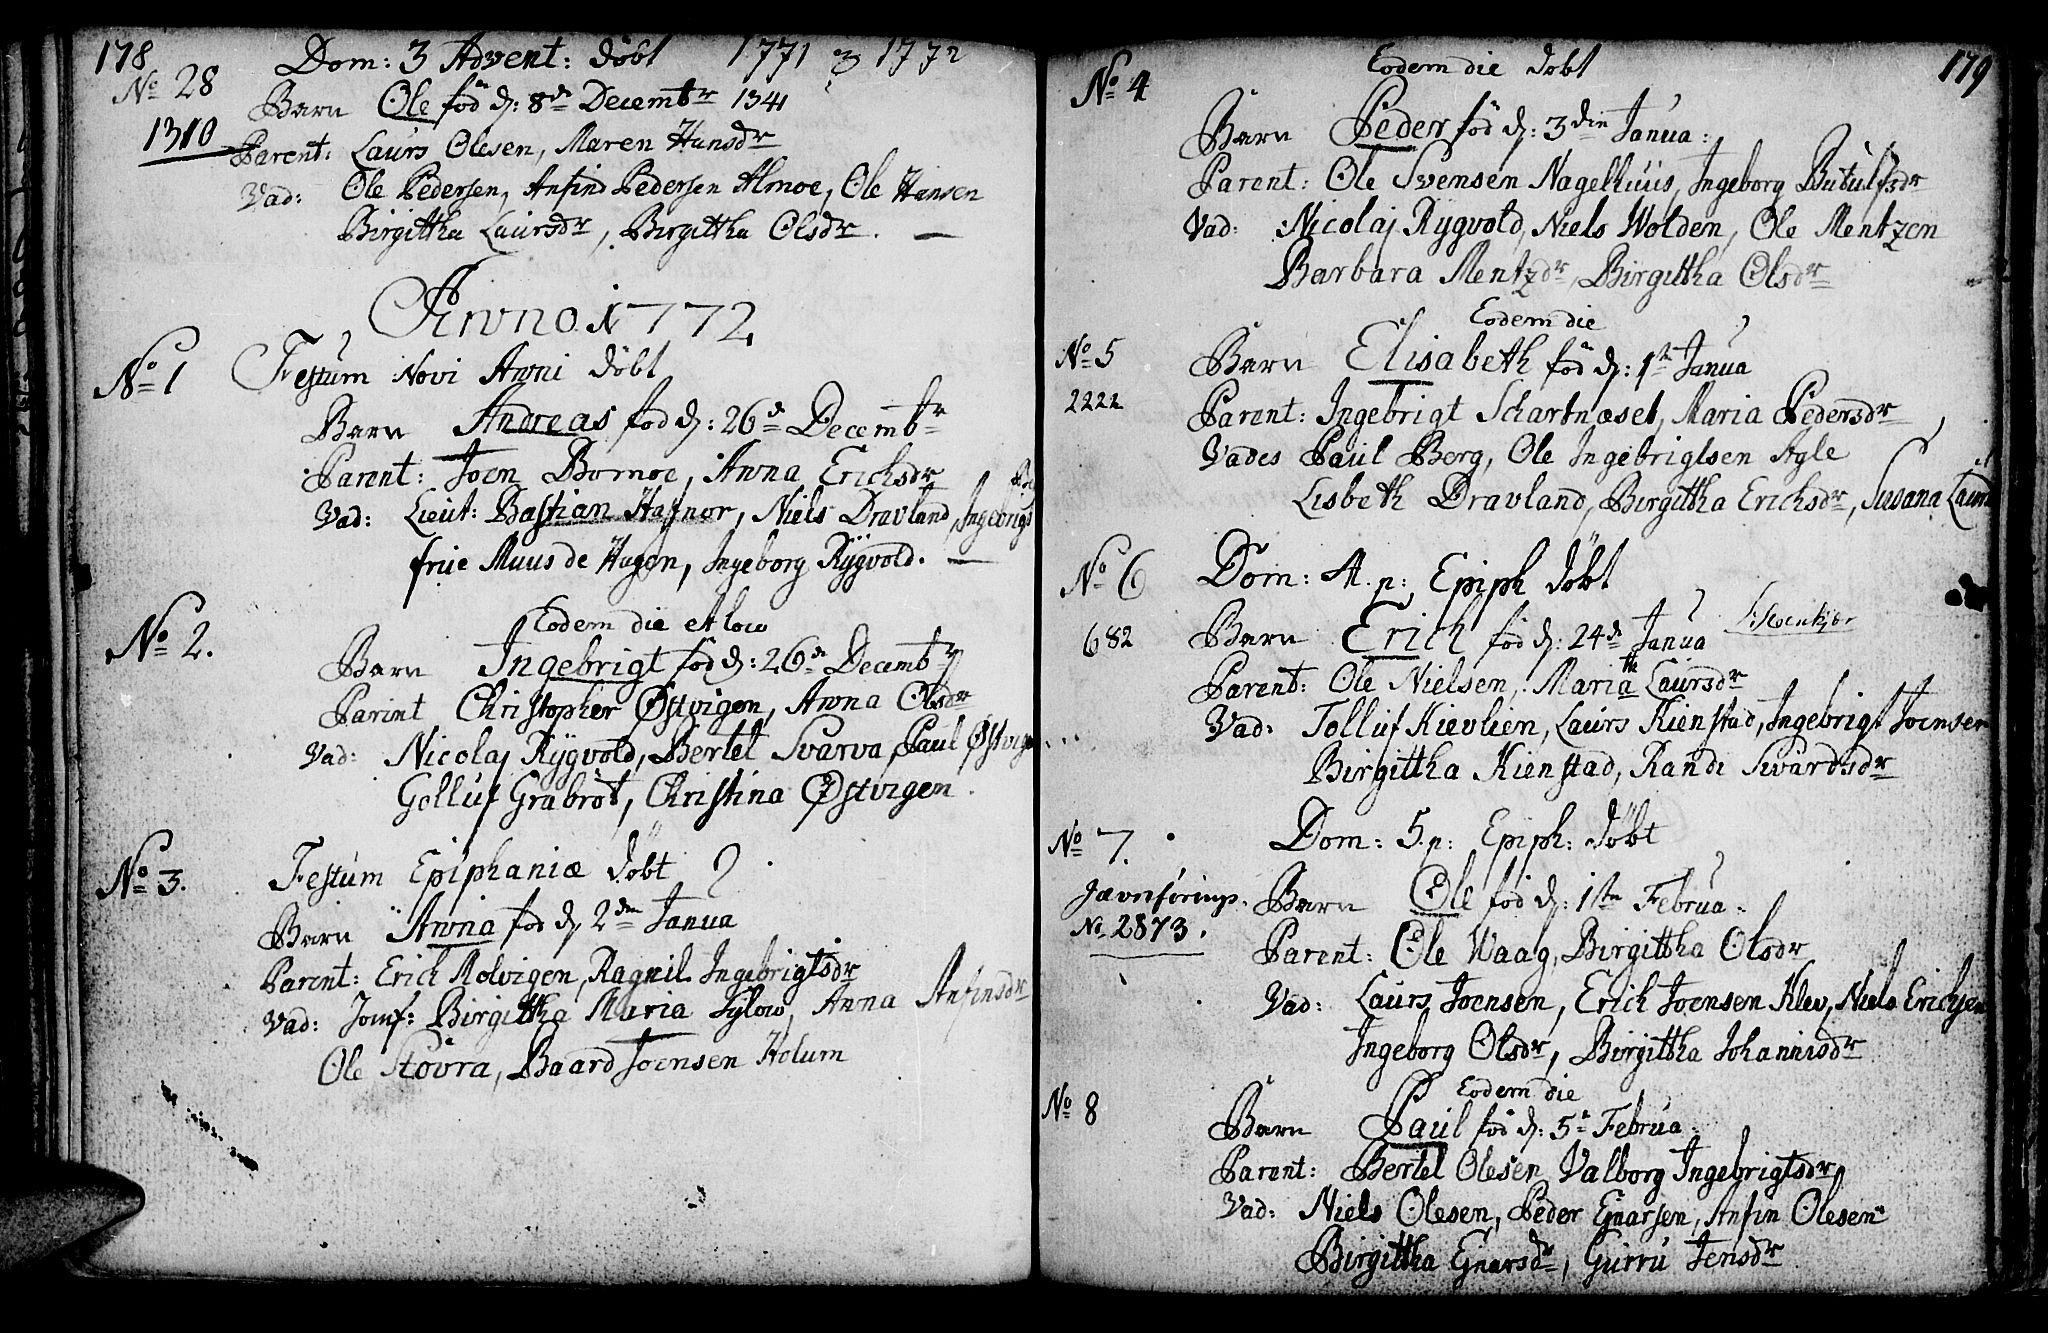 SAT, Ministerialprotokoller, klokkerbøker og fødselsregistre - Nord-Trøndelag, 749/L0467: Ministerialbok nr. 749A01, 1733-1787, s. 178-179